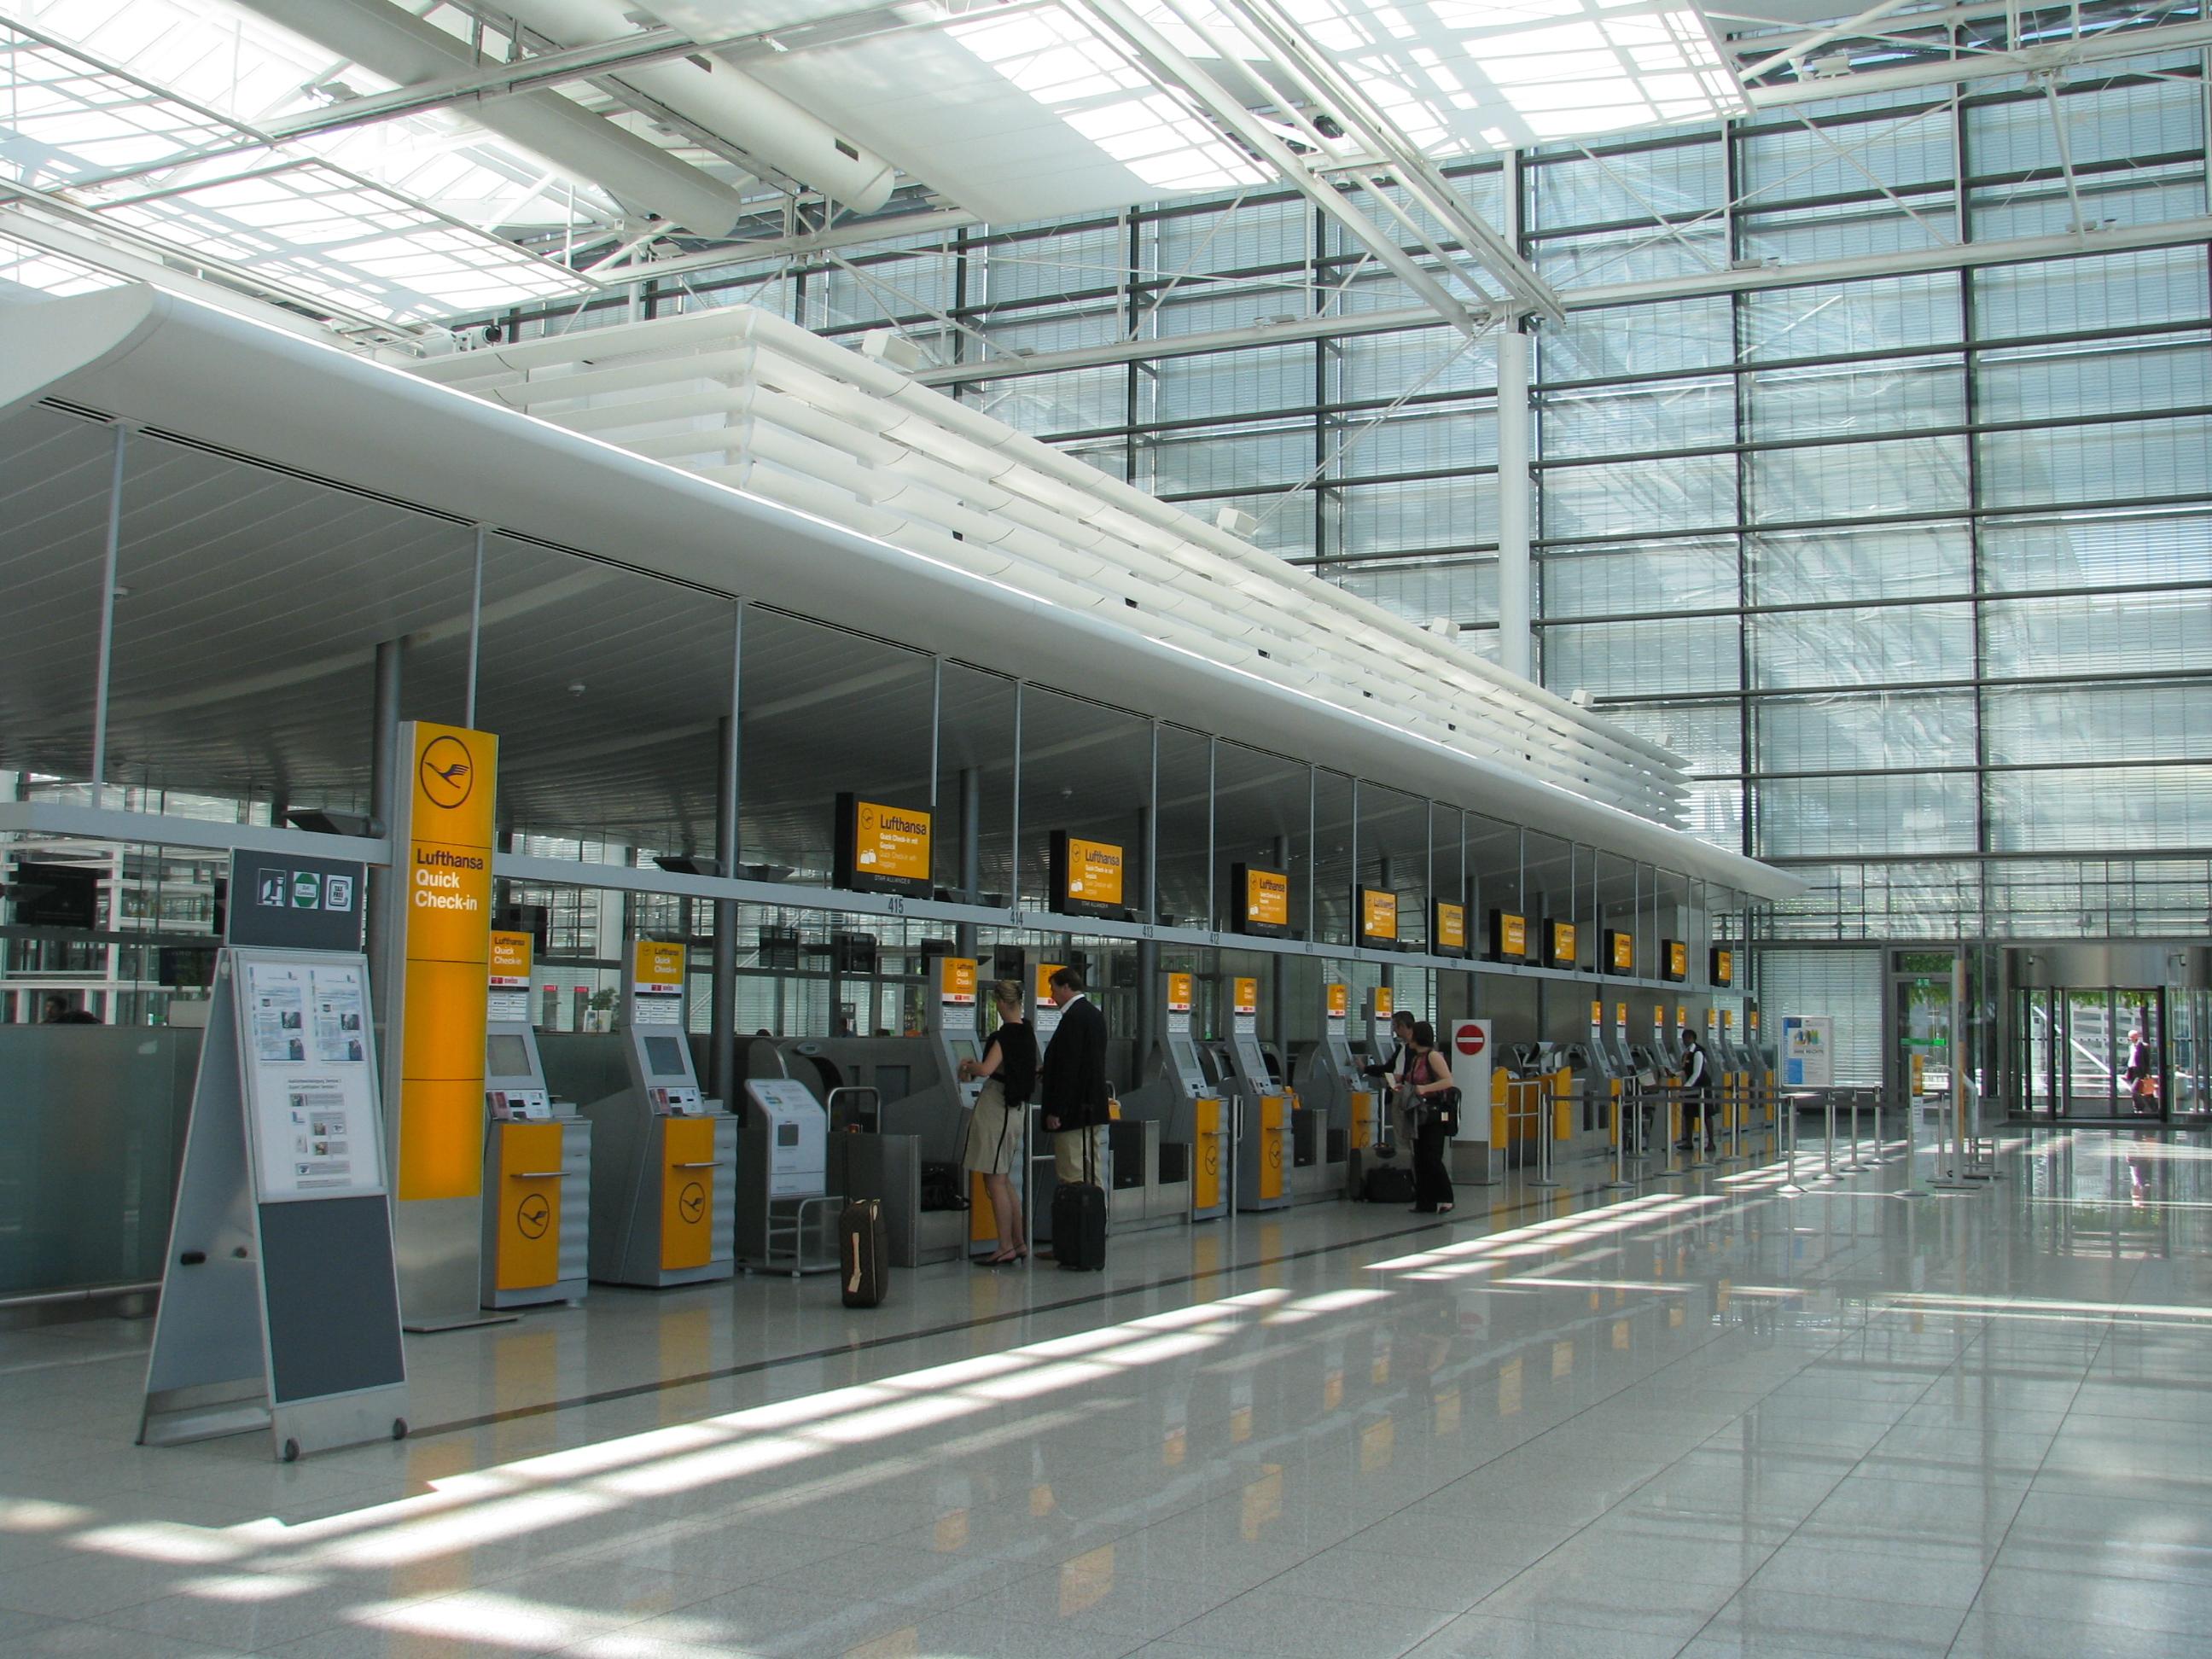 ルフトハンザ航空、マイレージ積算を「支払い価格」で換算へ、「1ユーロ=4~6マイル」をグループ各社で